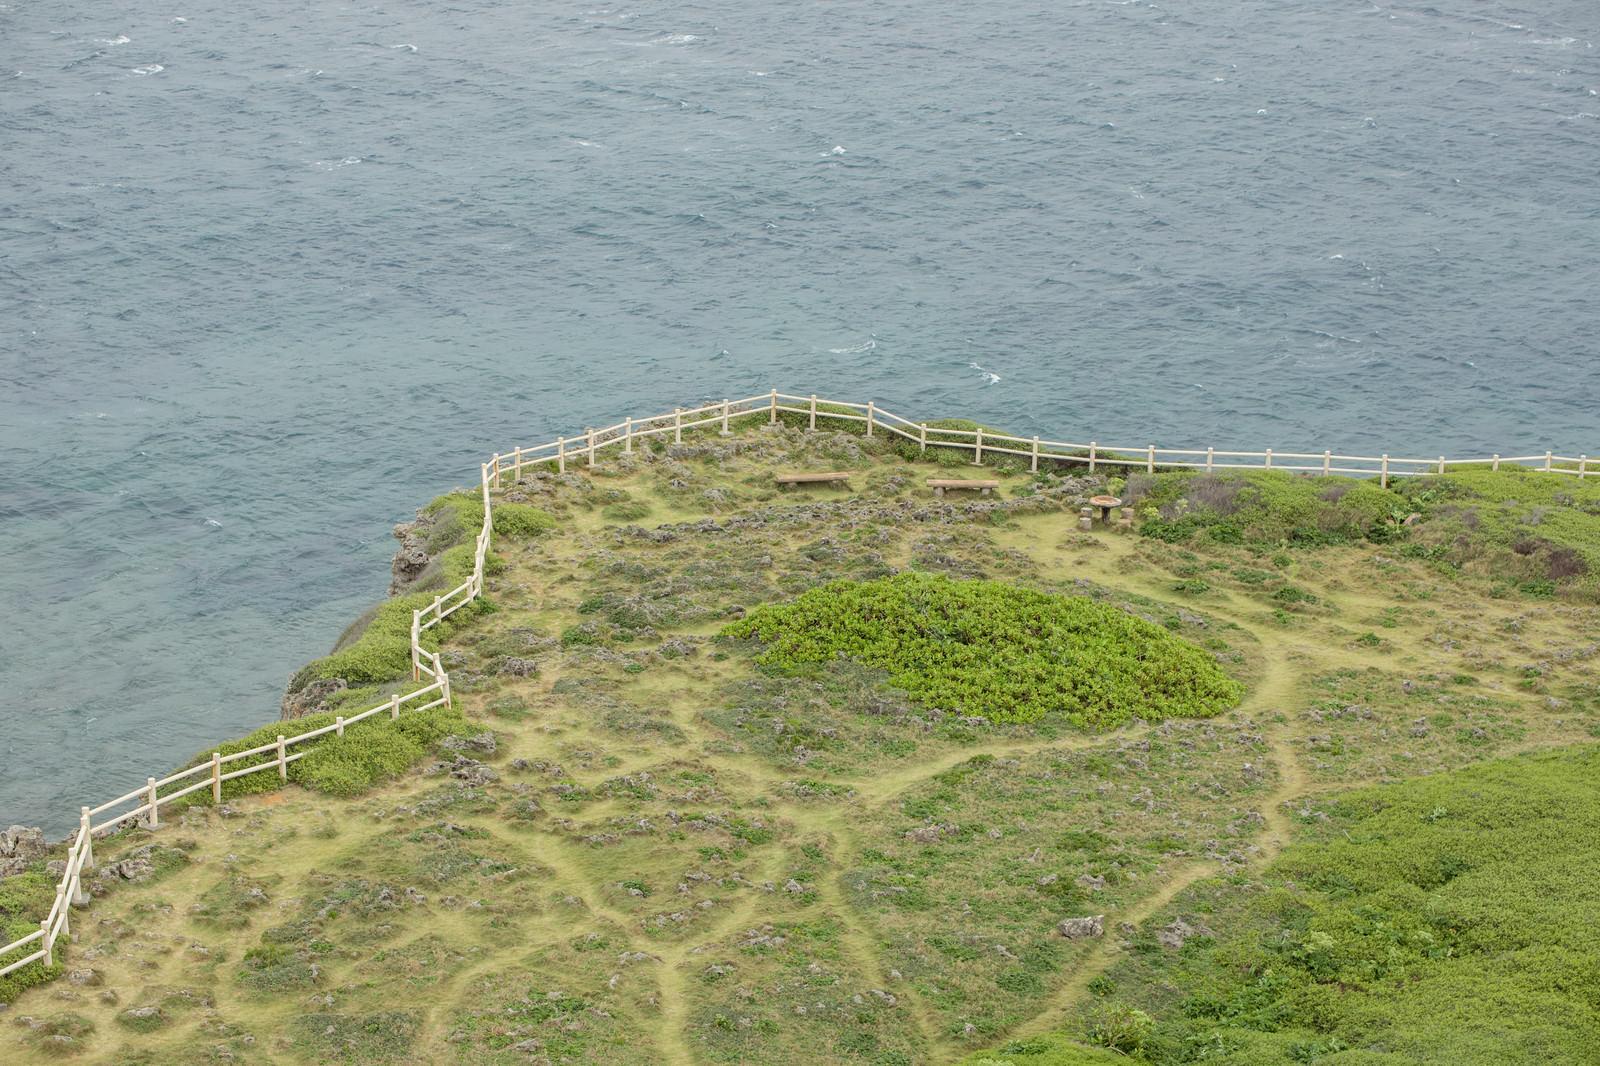 「東平安名崎灯台からの風景」の写真